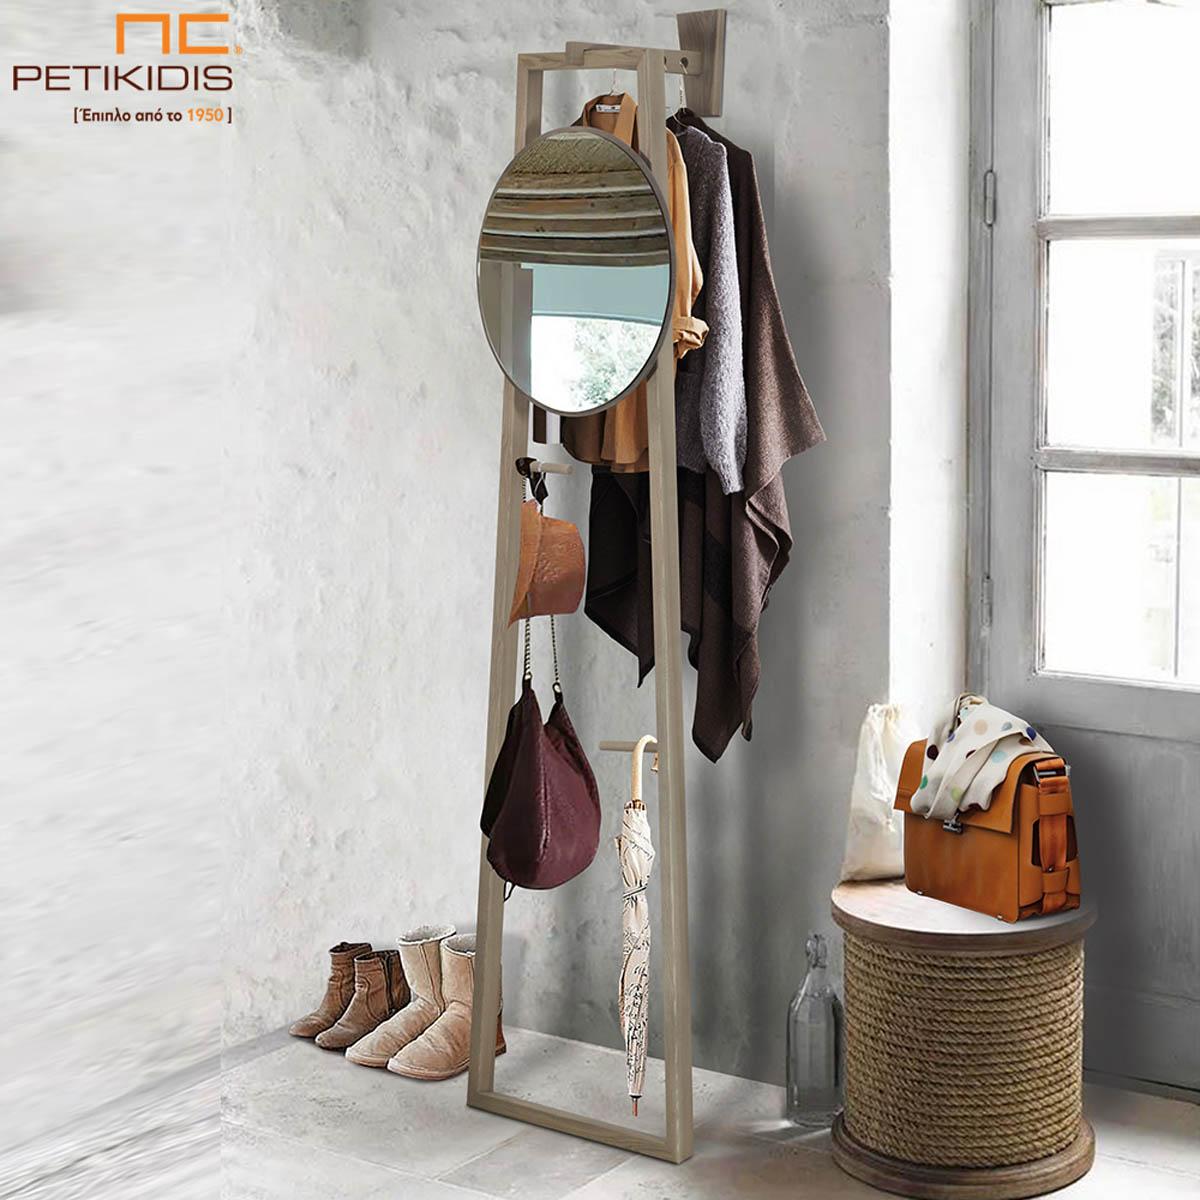 Κρεμάστρα Emmy από ξύλο δρυς. Διαθέτει εκτός από χώρο για κρεμάστρες και έναν στρογγυλό καθρέπτη. Ιδανικός για υπνοδωμάτια και χώρους υποδοχής.